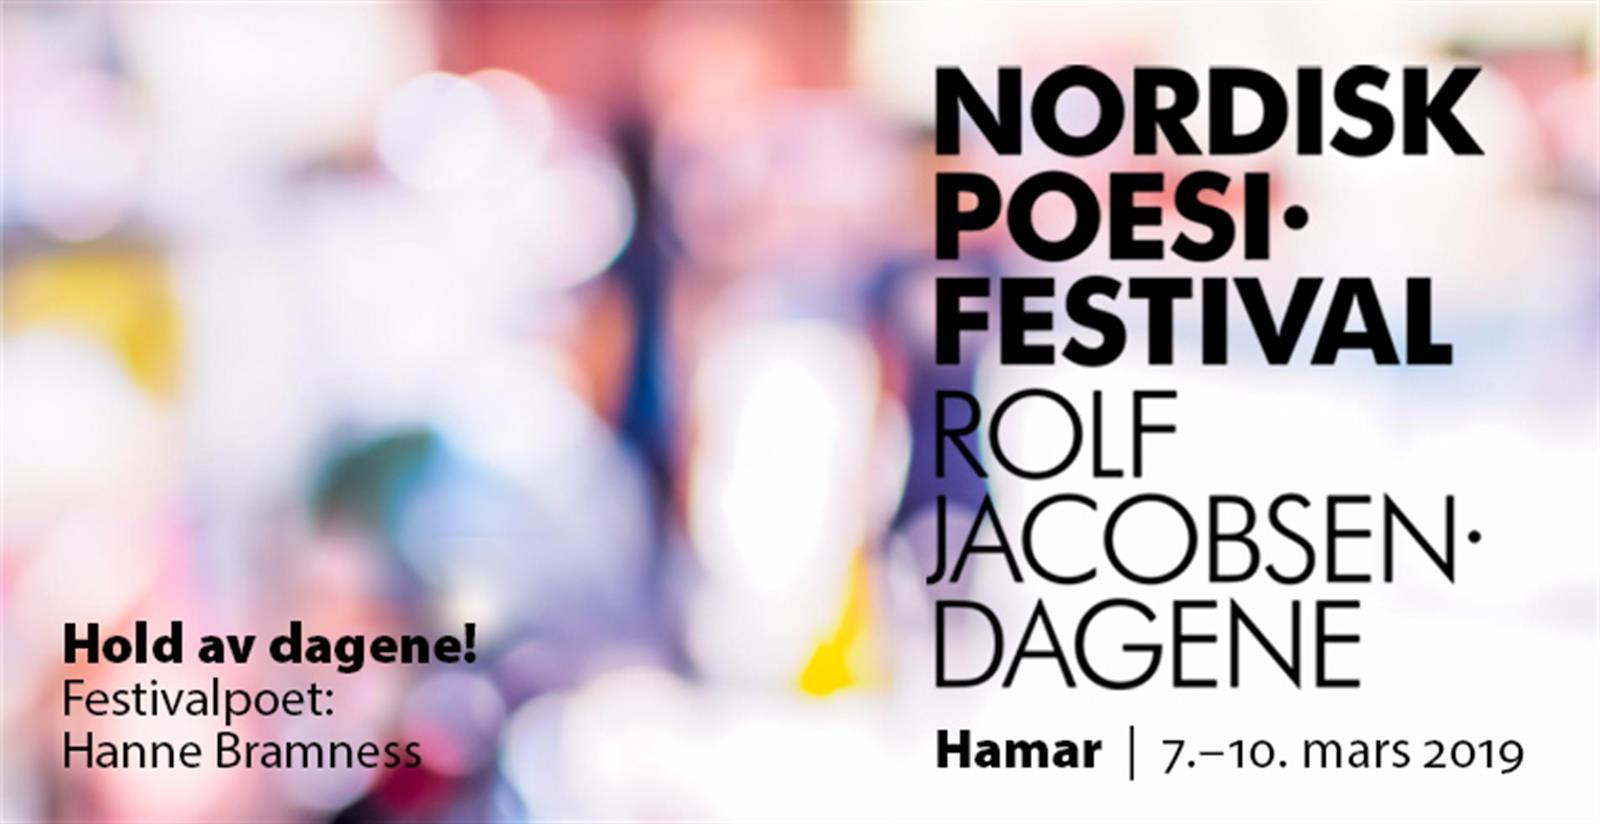 Nordisk Poesi Festival